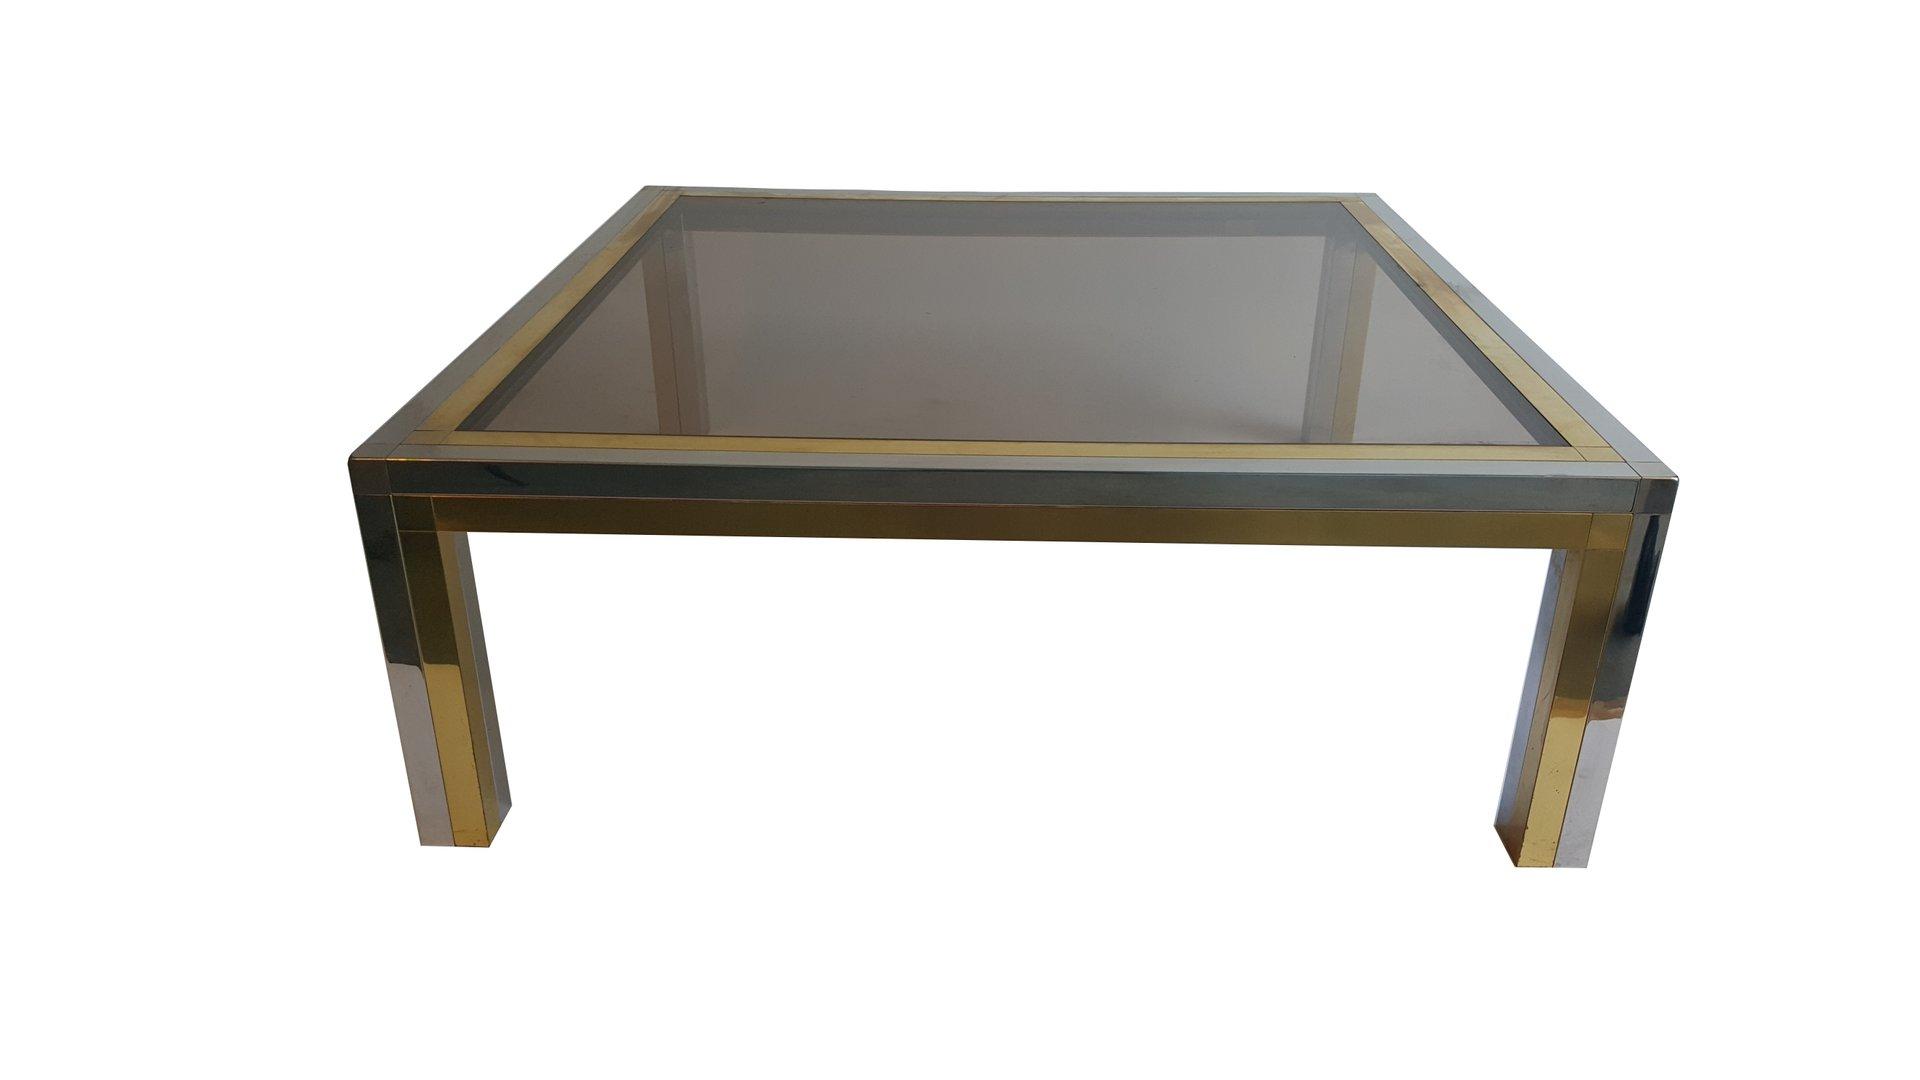 couchtisch aus chrom mit messinggestell bei pamono kaufen. Black Bedroom Furniture Sets. Home Design Ideas